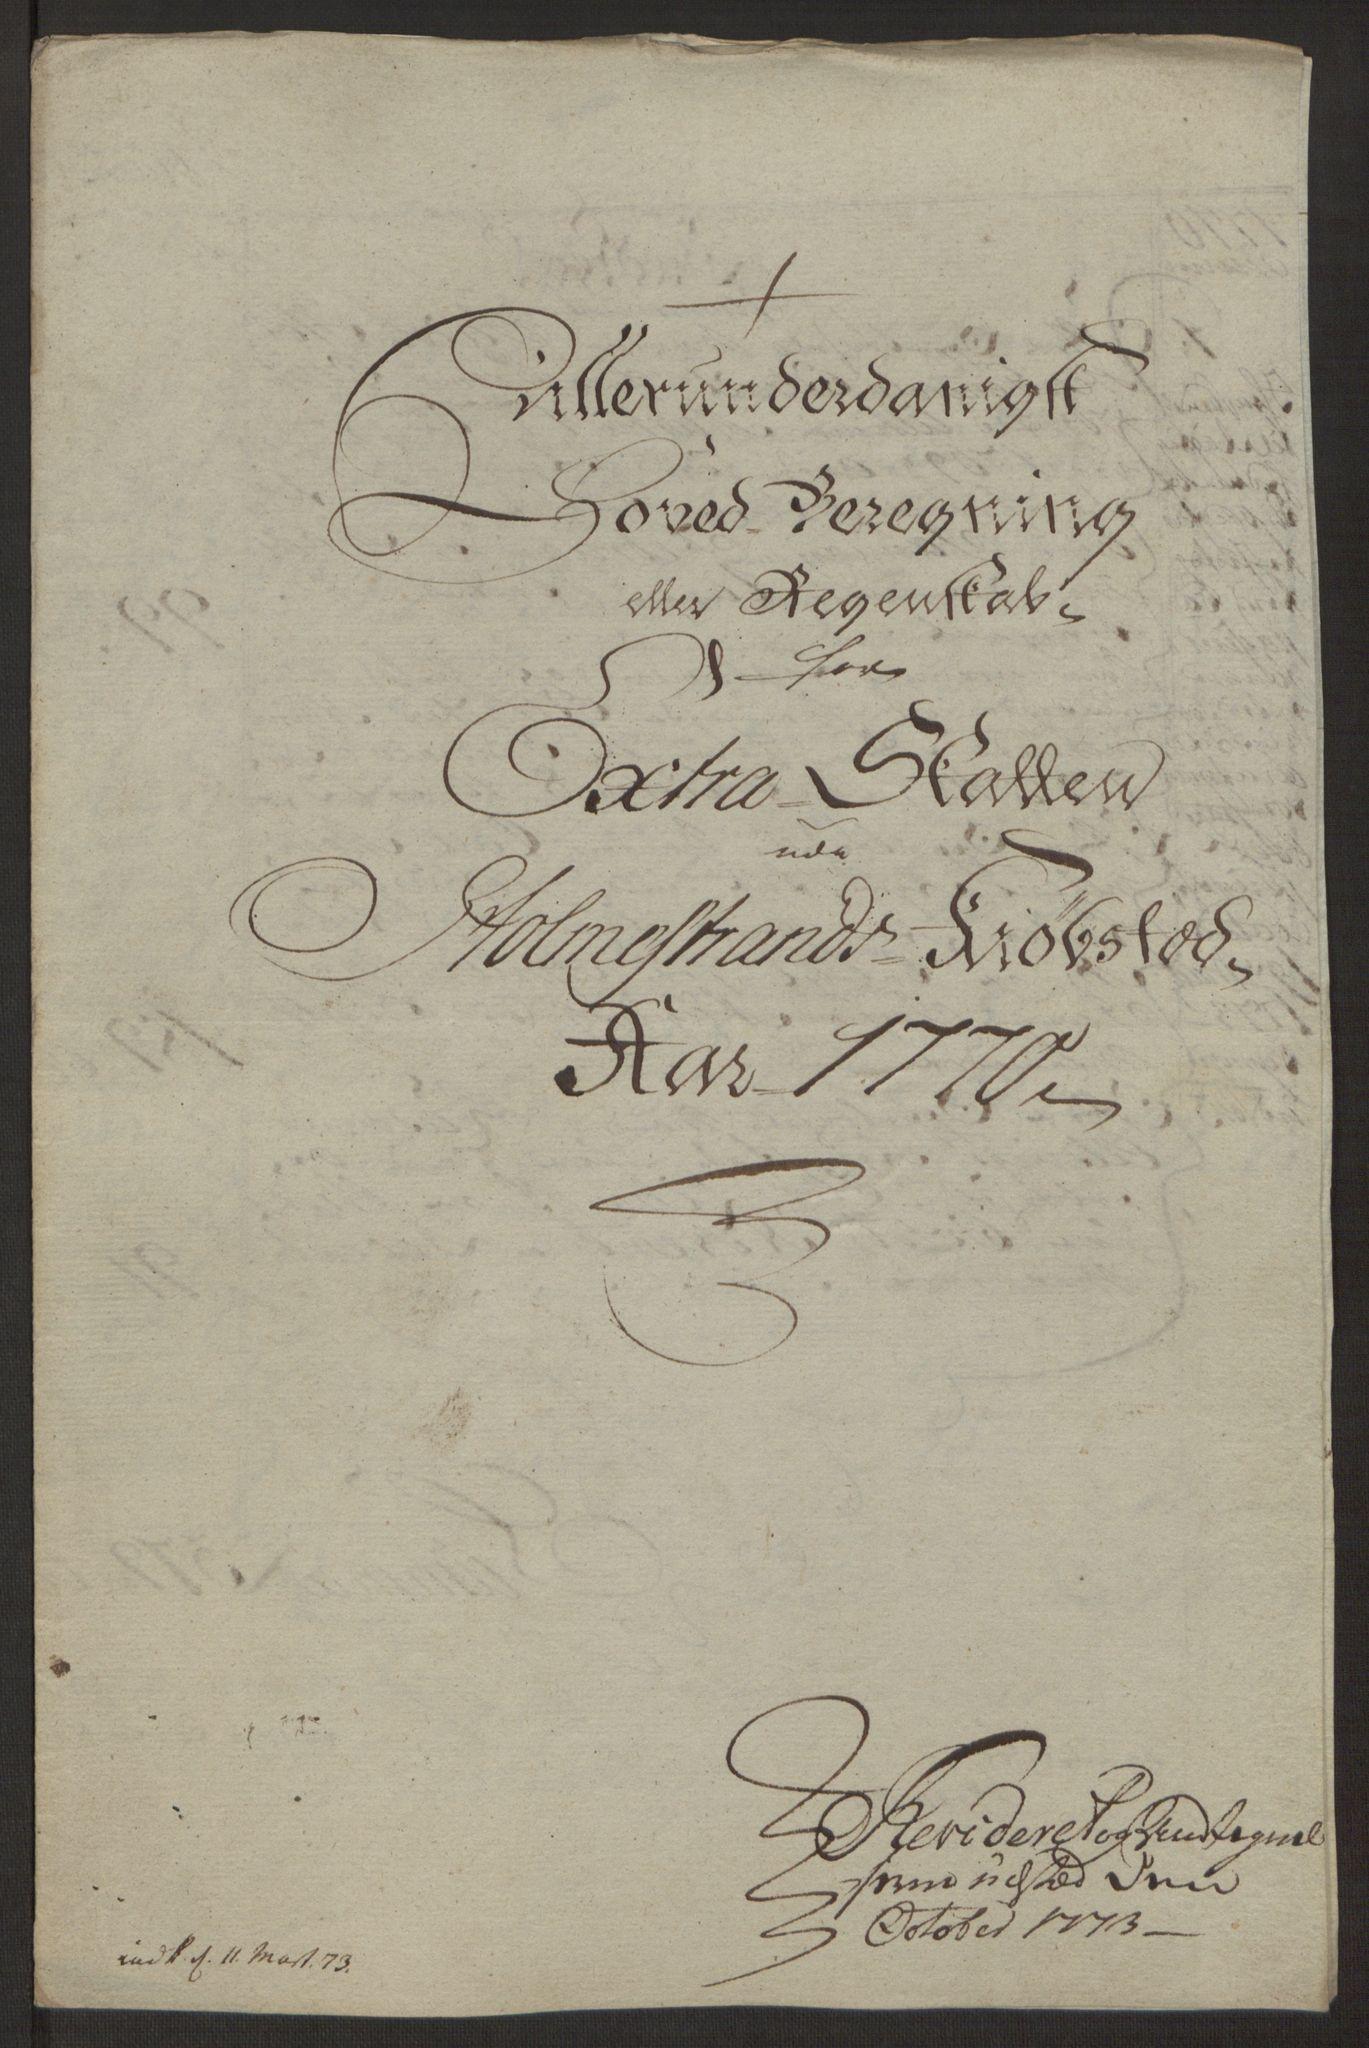 RA, Rentekammeret inntil 1814, Reviderte regnskaper, Byregnskaper, R/Rh/L0163: [H4] Kontribusjonsregnskap, 1762-1772, s. 407